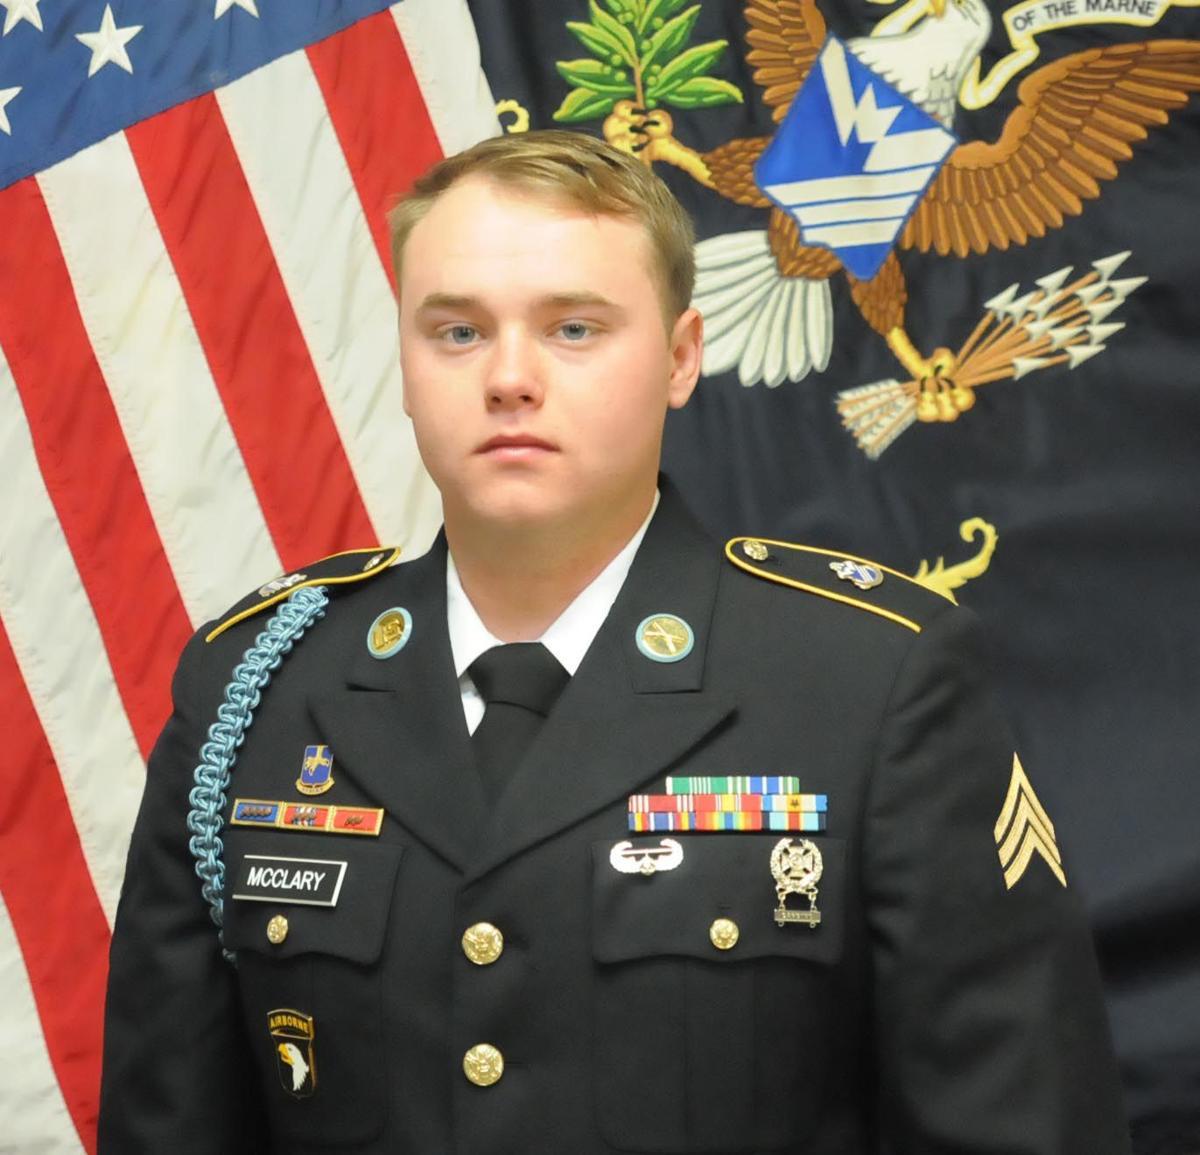 Sgt. Jason McClary .jpg